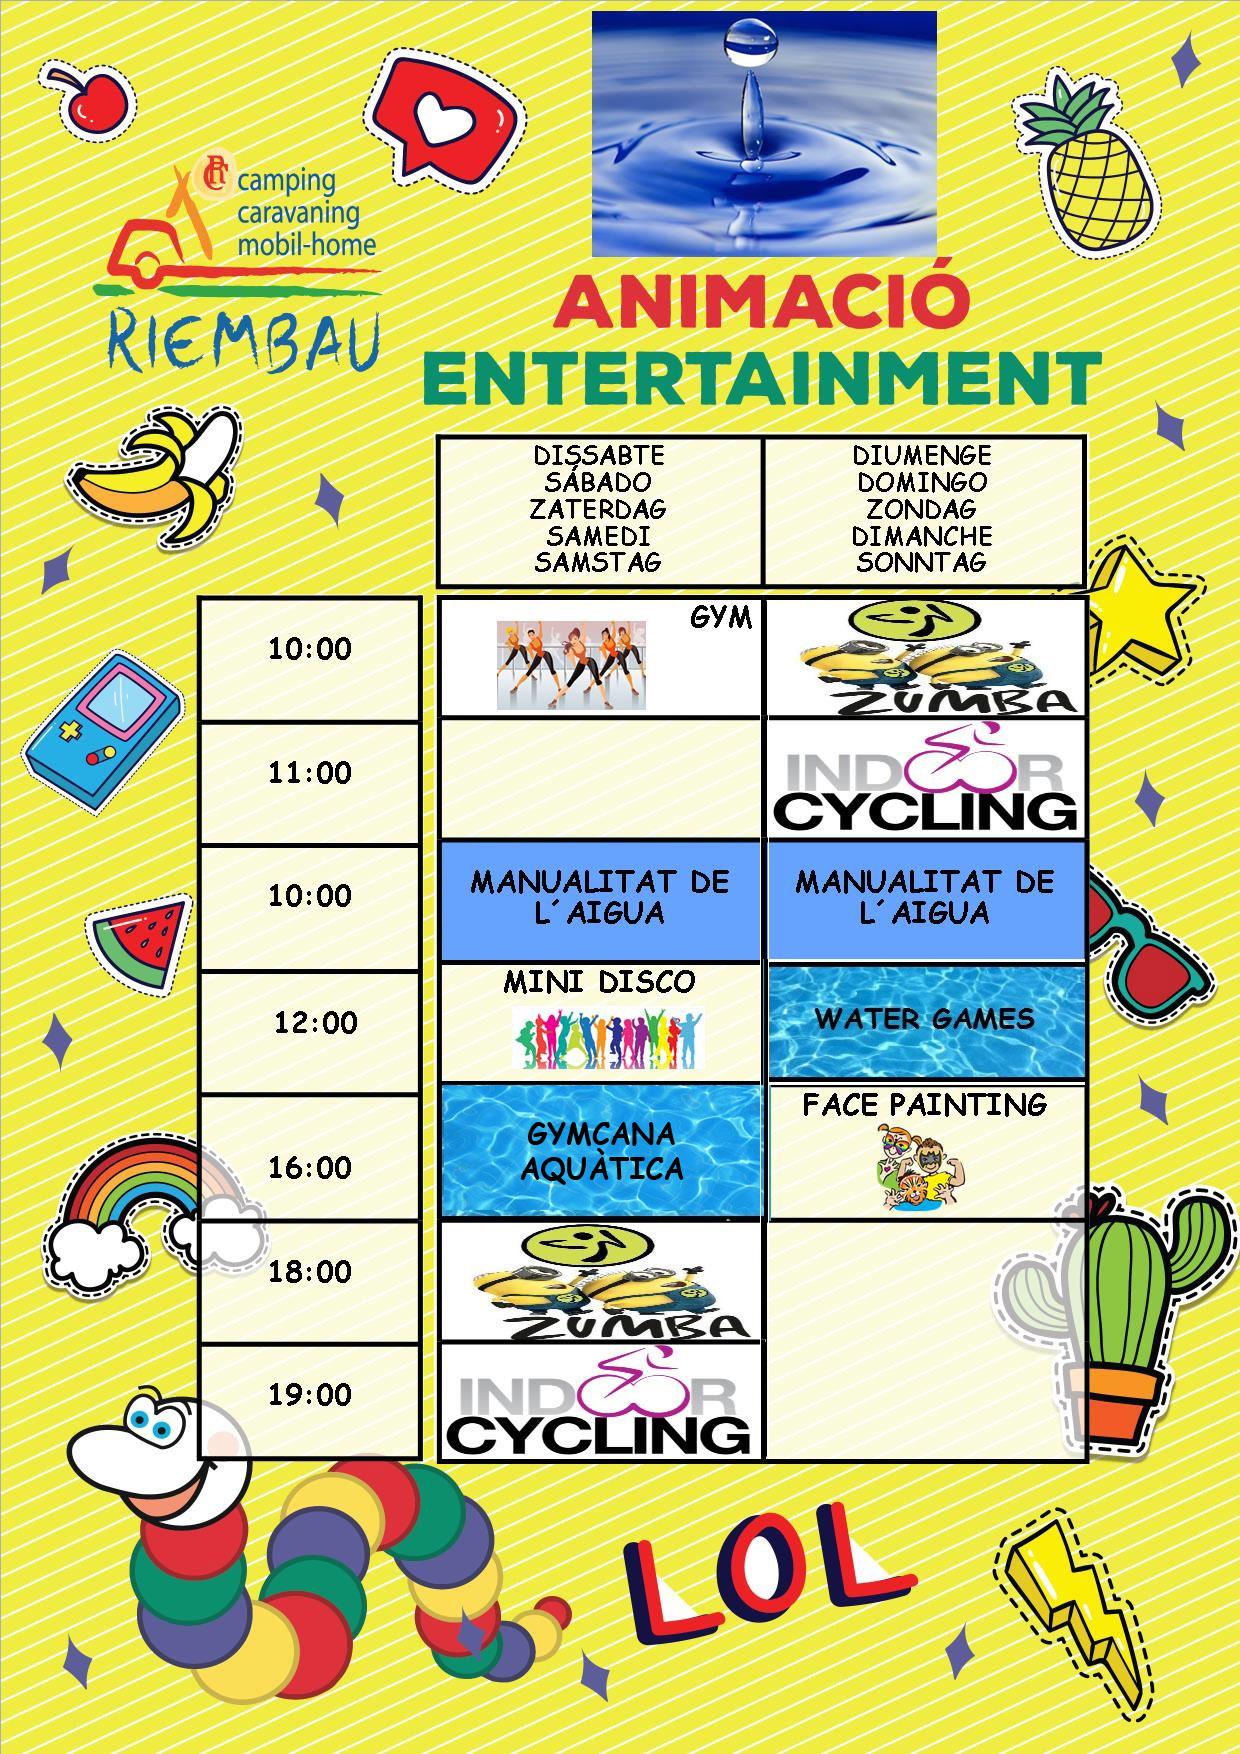 Aktivitäten vom 15. bis 16. Juni auf dem Camping Riembau in Platja d'Aro!